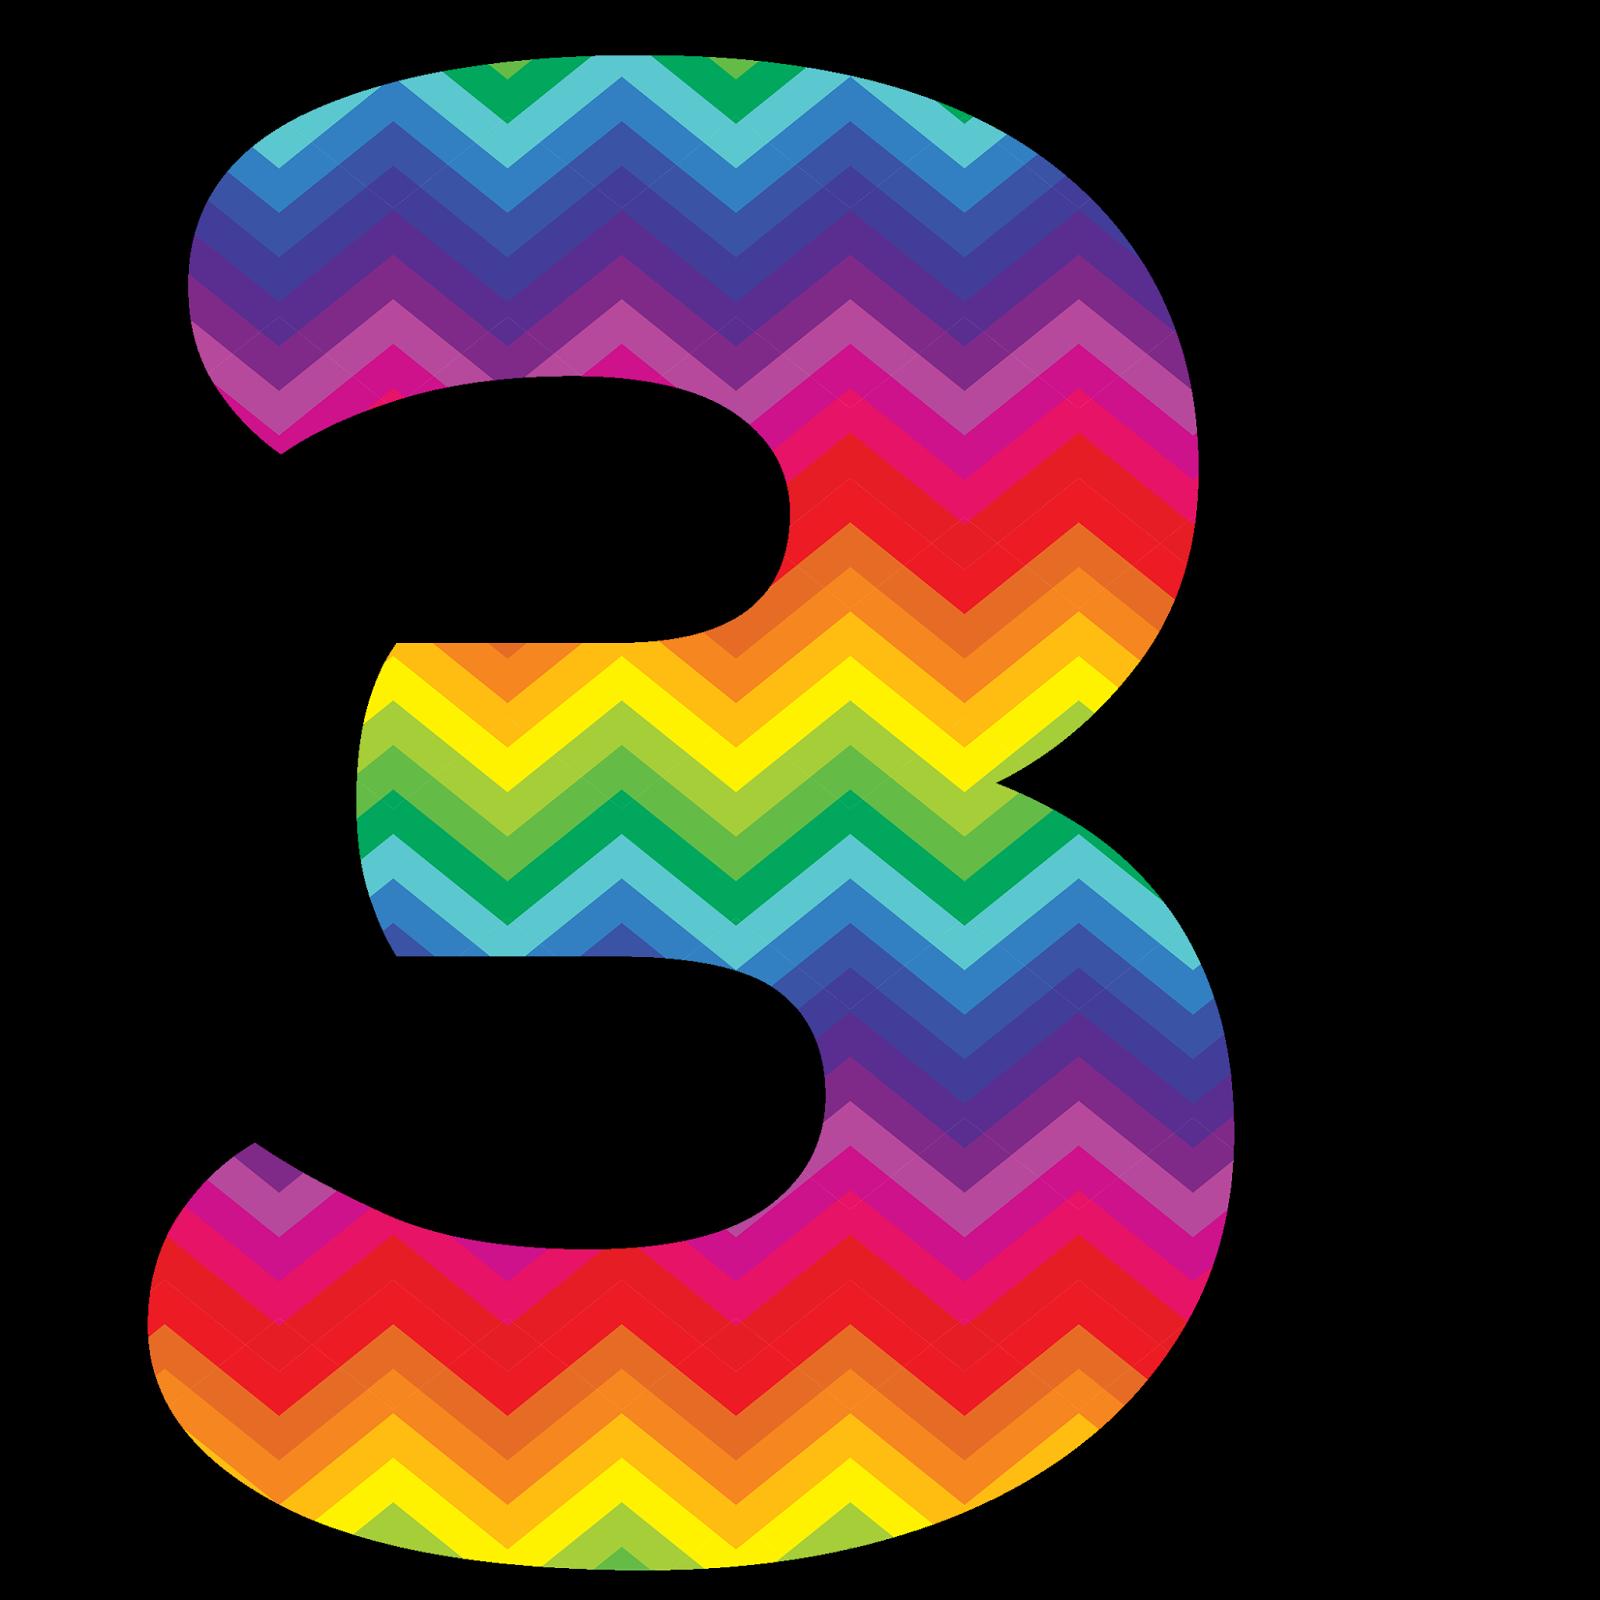 картинка с разноцветными цифрами полеев странице